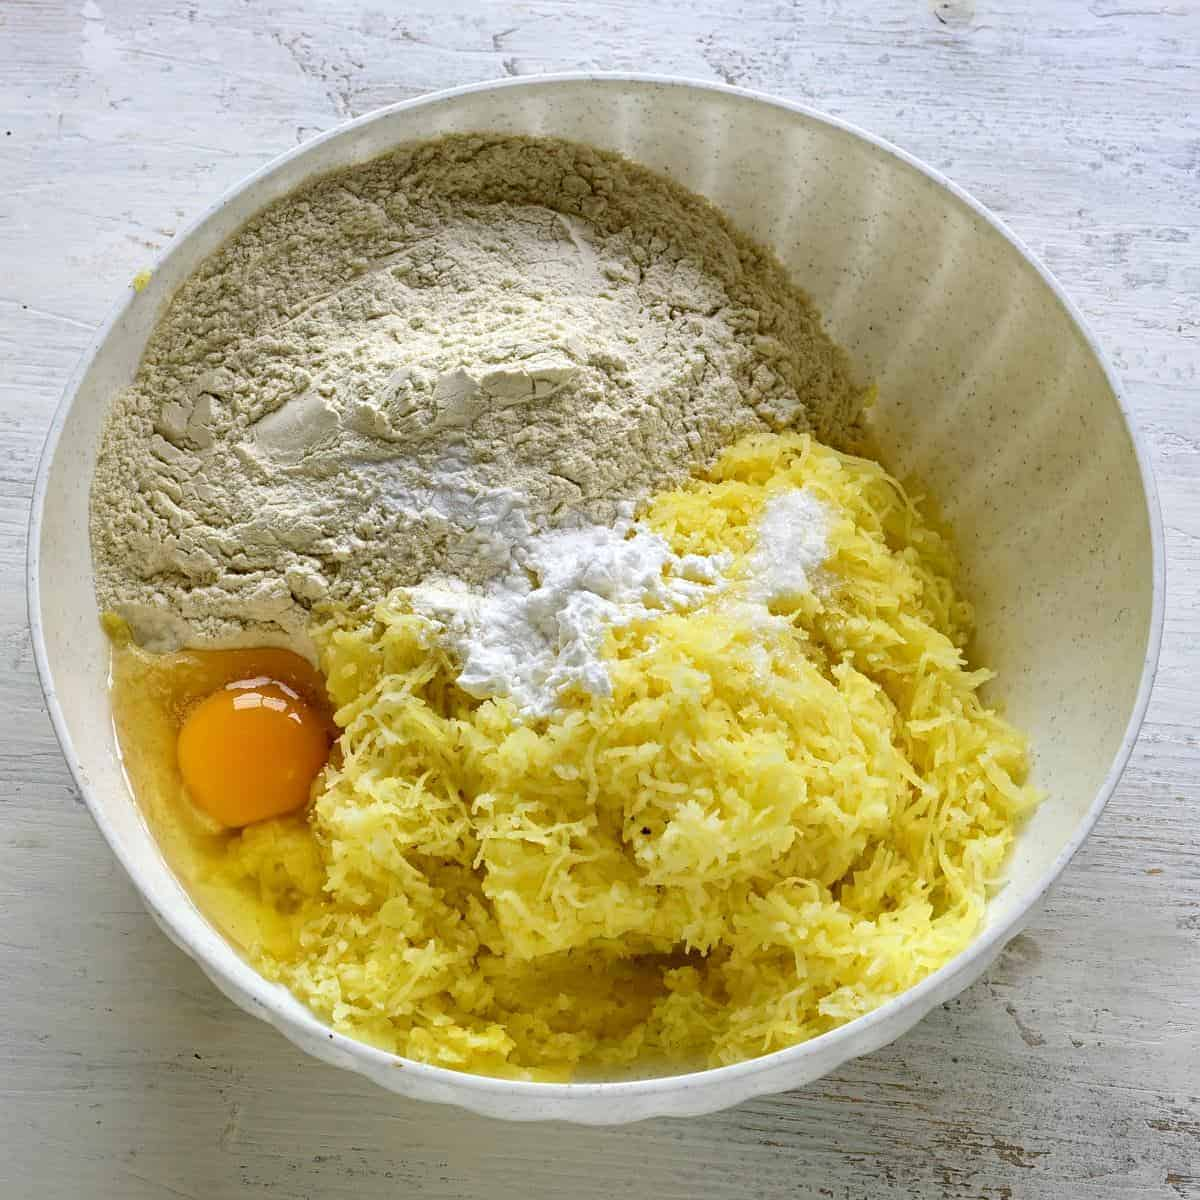 making potato dough for dumplings.